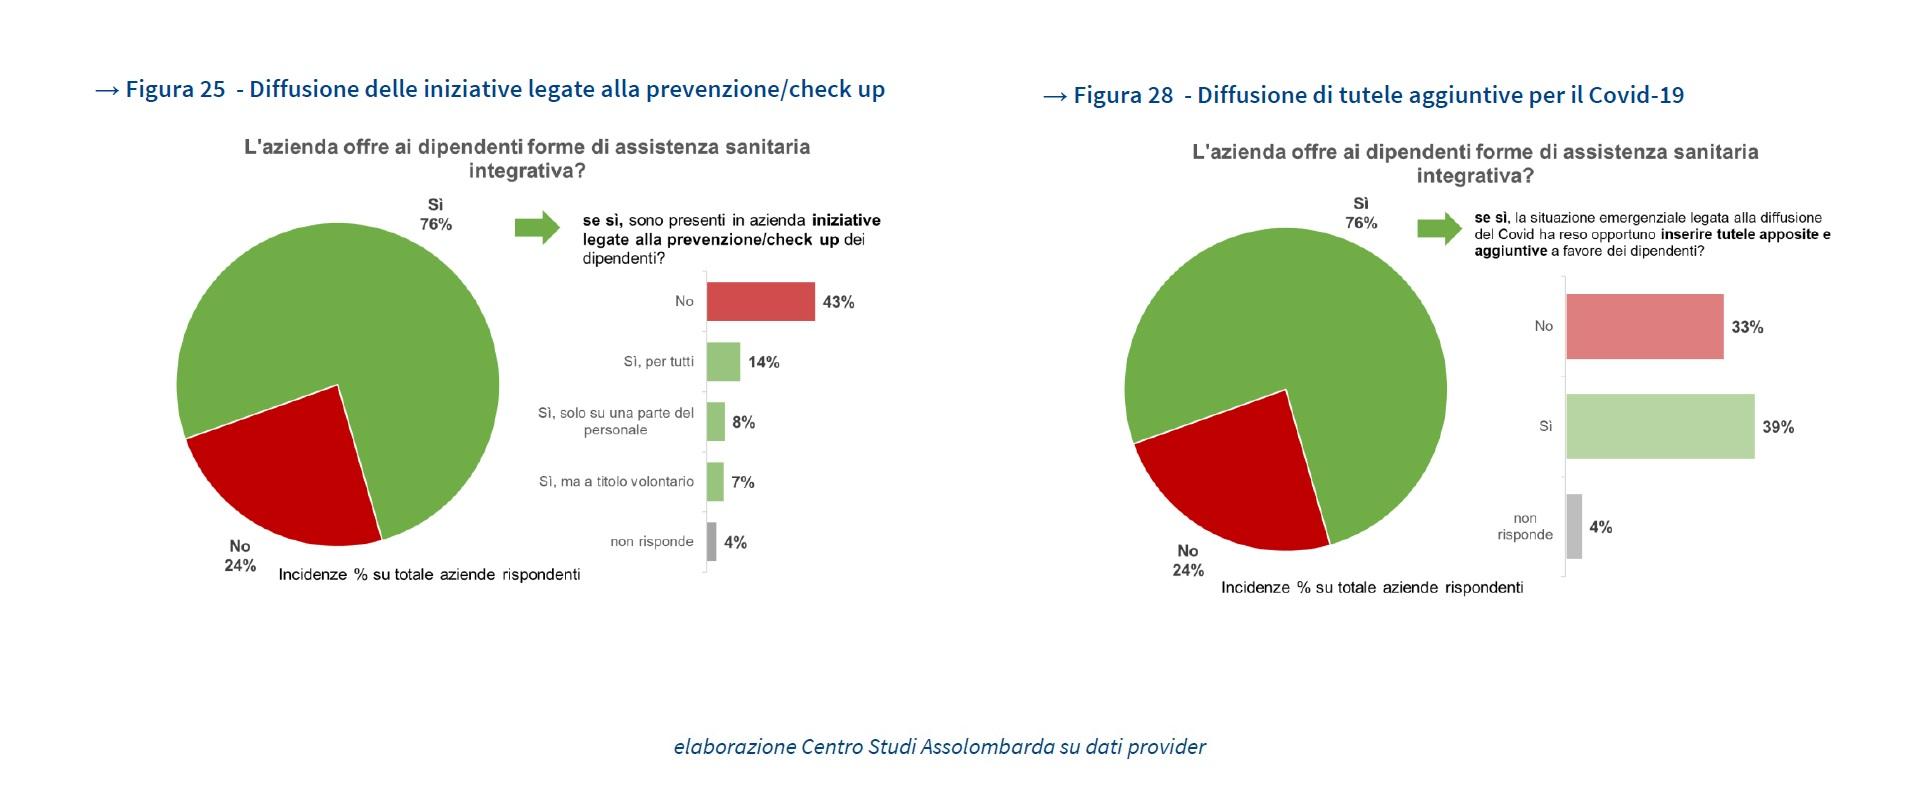 osservatorio ASSOLOMBARDA welfare aziendale 2021- iniziative legare sanità - covid